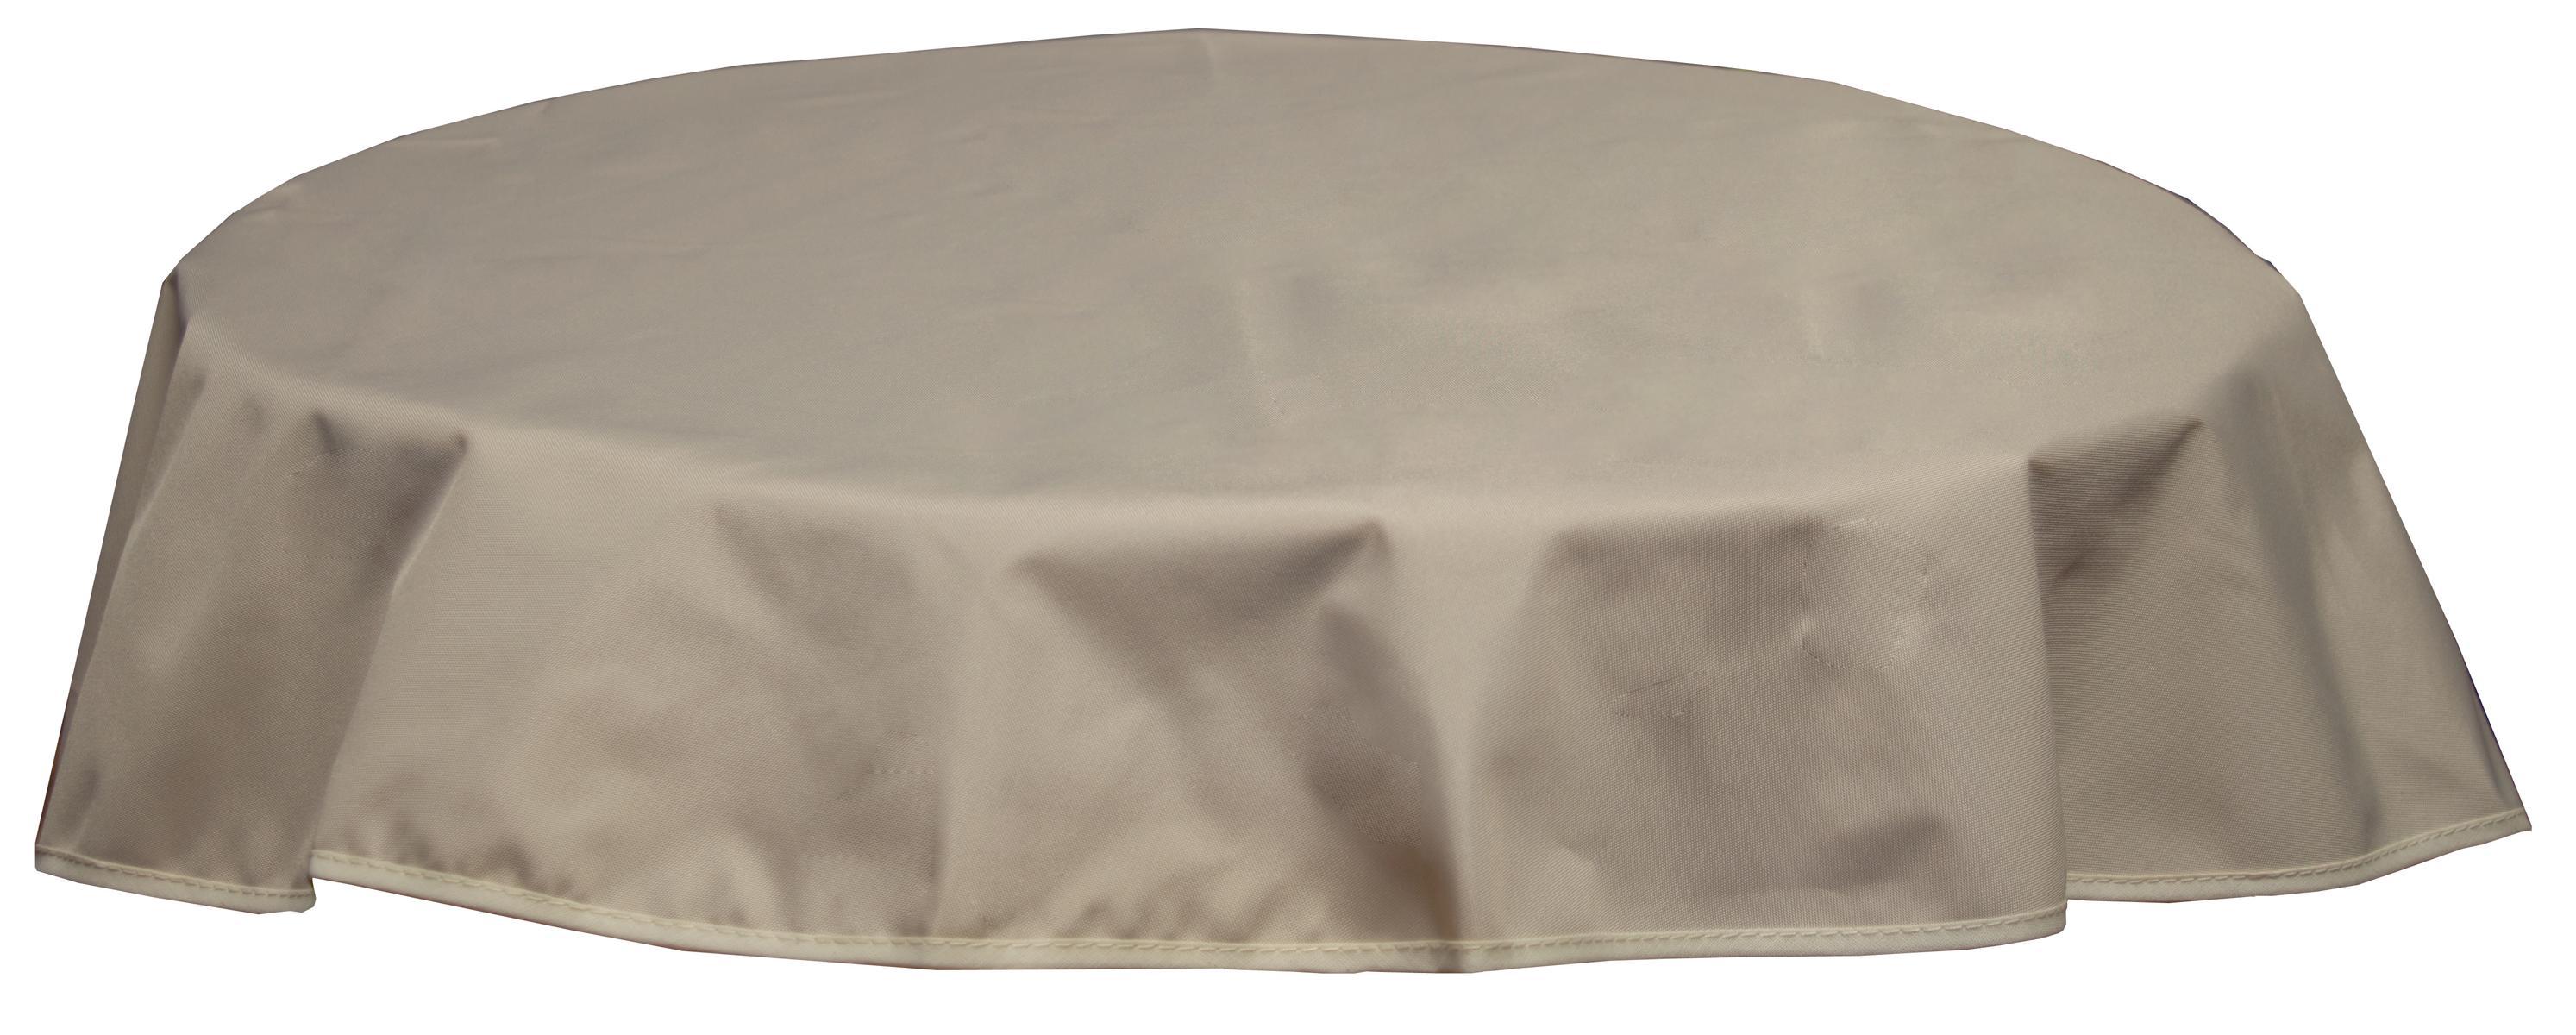 Runde Tischdecke 120cm wasserabweisend 100% Polyester in beige